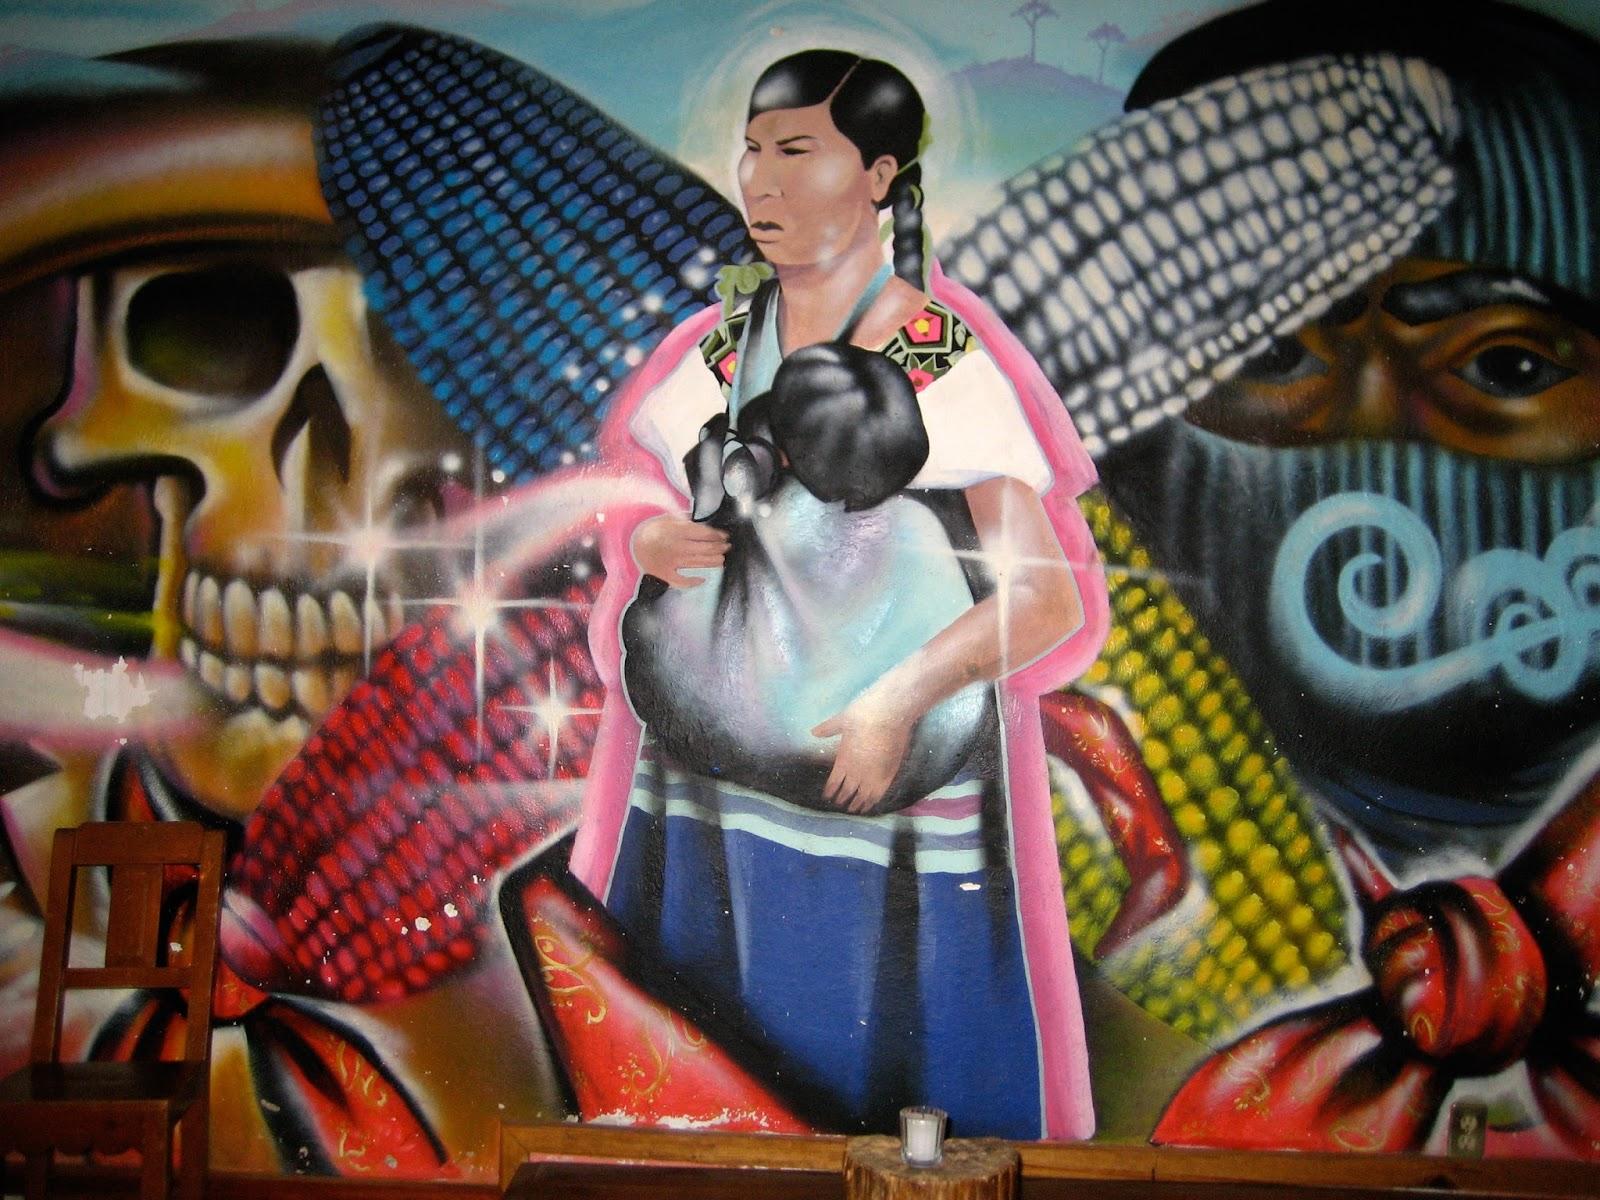 La voz del an huac sexta x la libre nebulosa espacio de for Mural zapatista